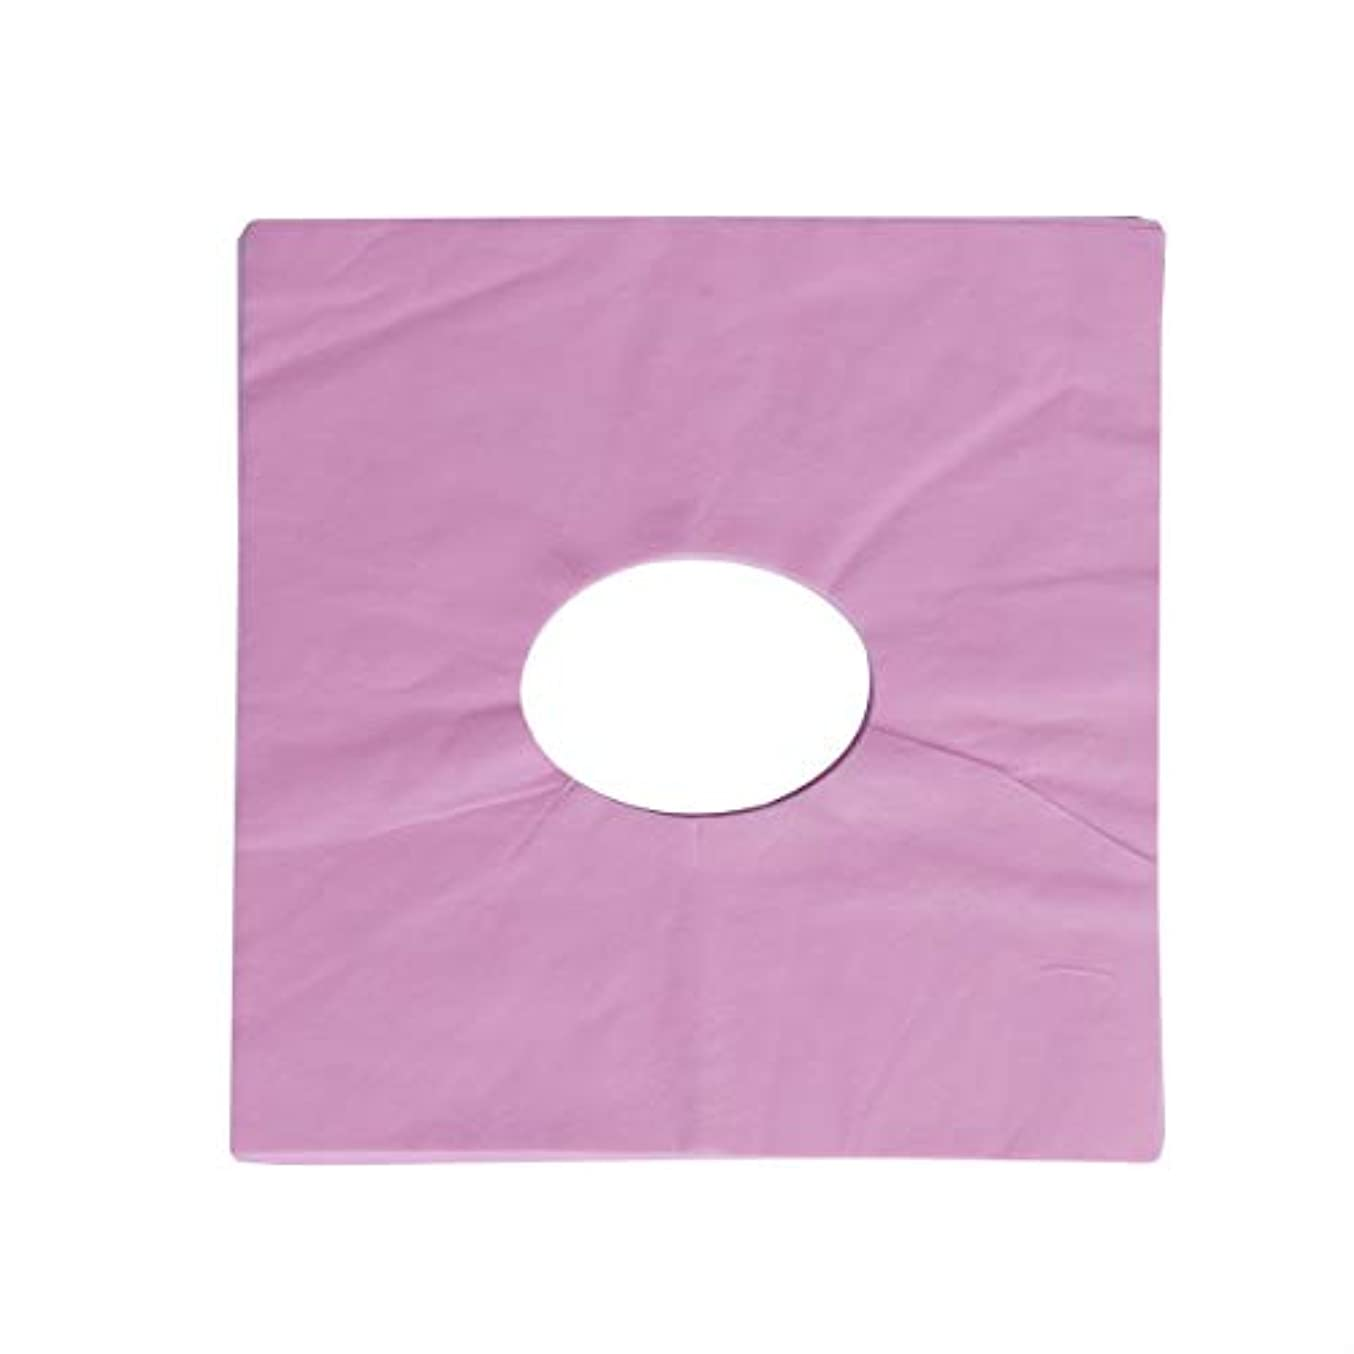 スポークスマン公園強いSUPVOX 100ピース使い捨てマッサージフェイスクレードルカバーフェイスマッサージヘッドレストカバー用スパ美容院マッサージ(ピンク)